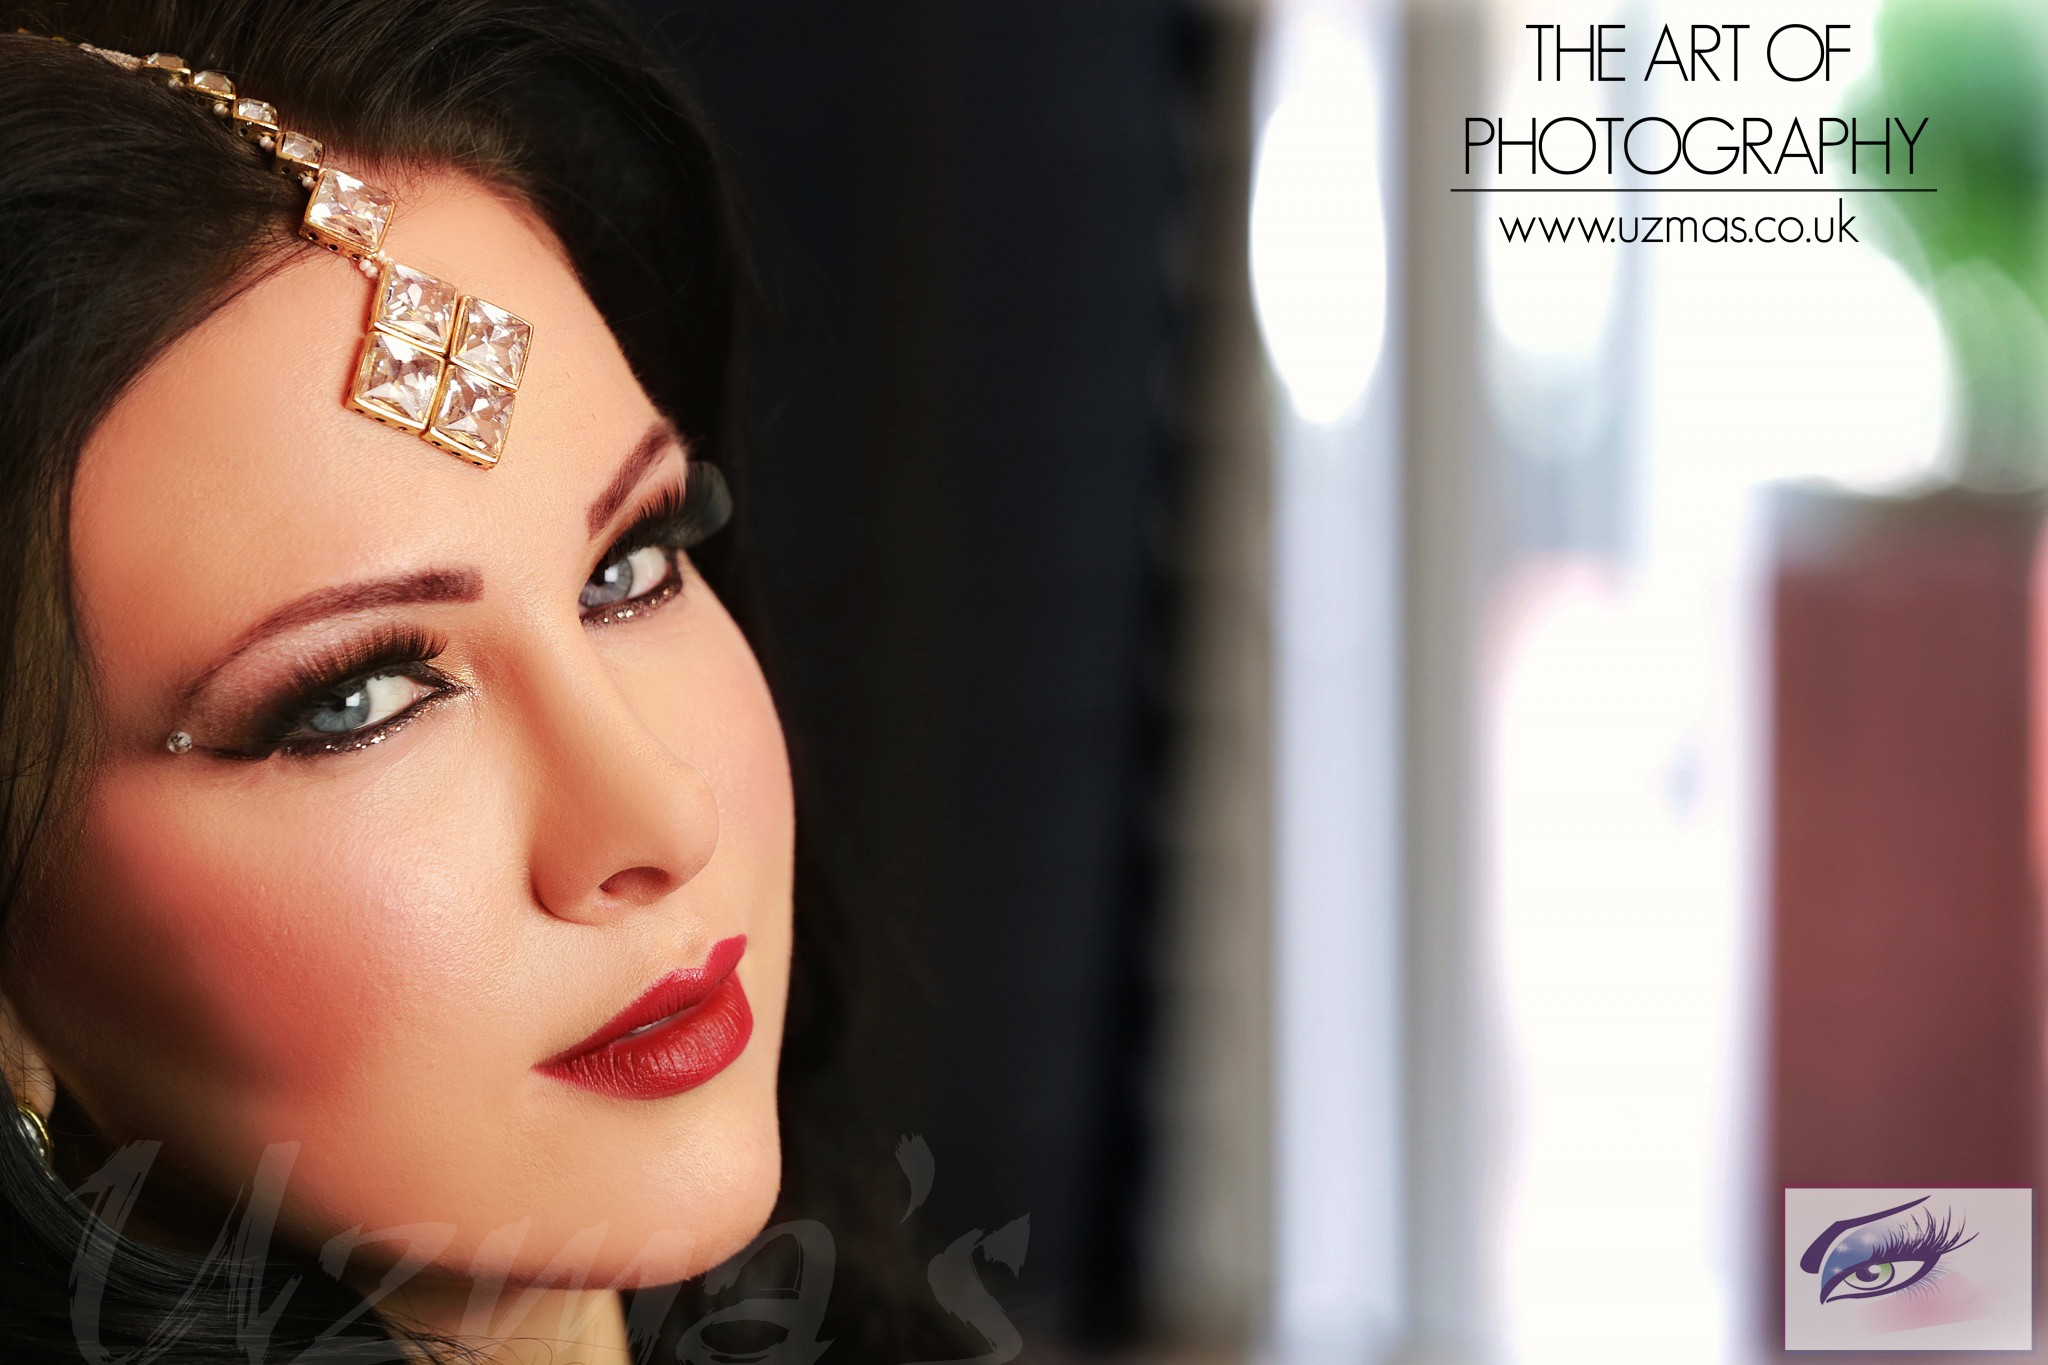 Asian Bridal Makeup And Wedding Photography 1 Uzmas